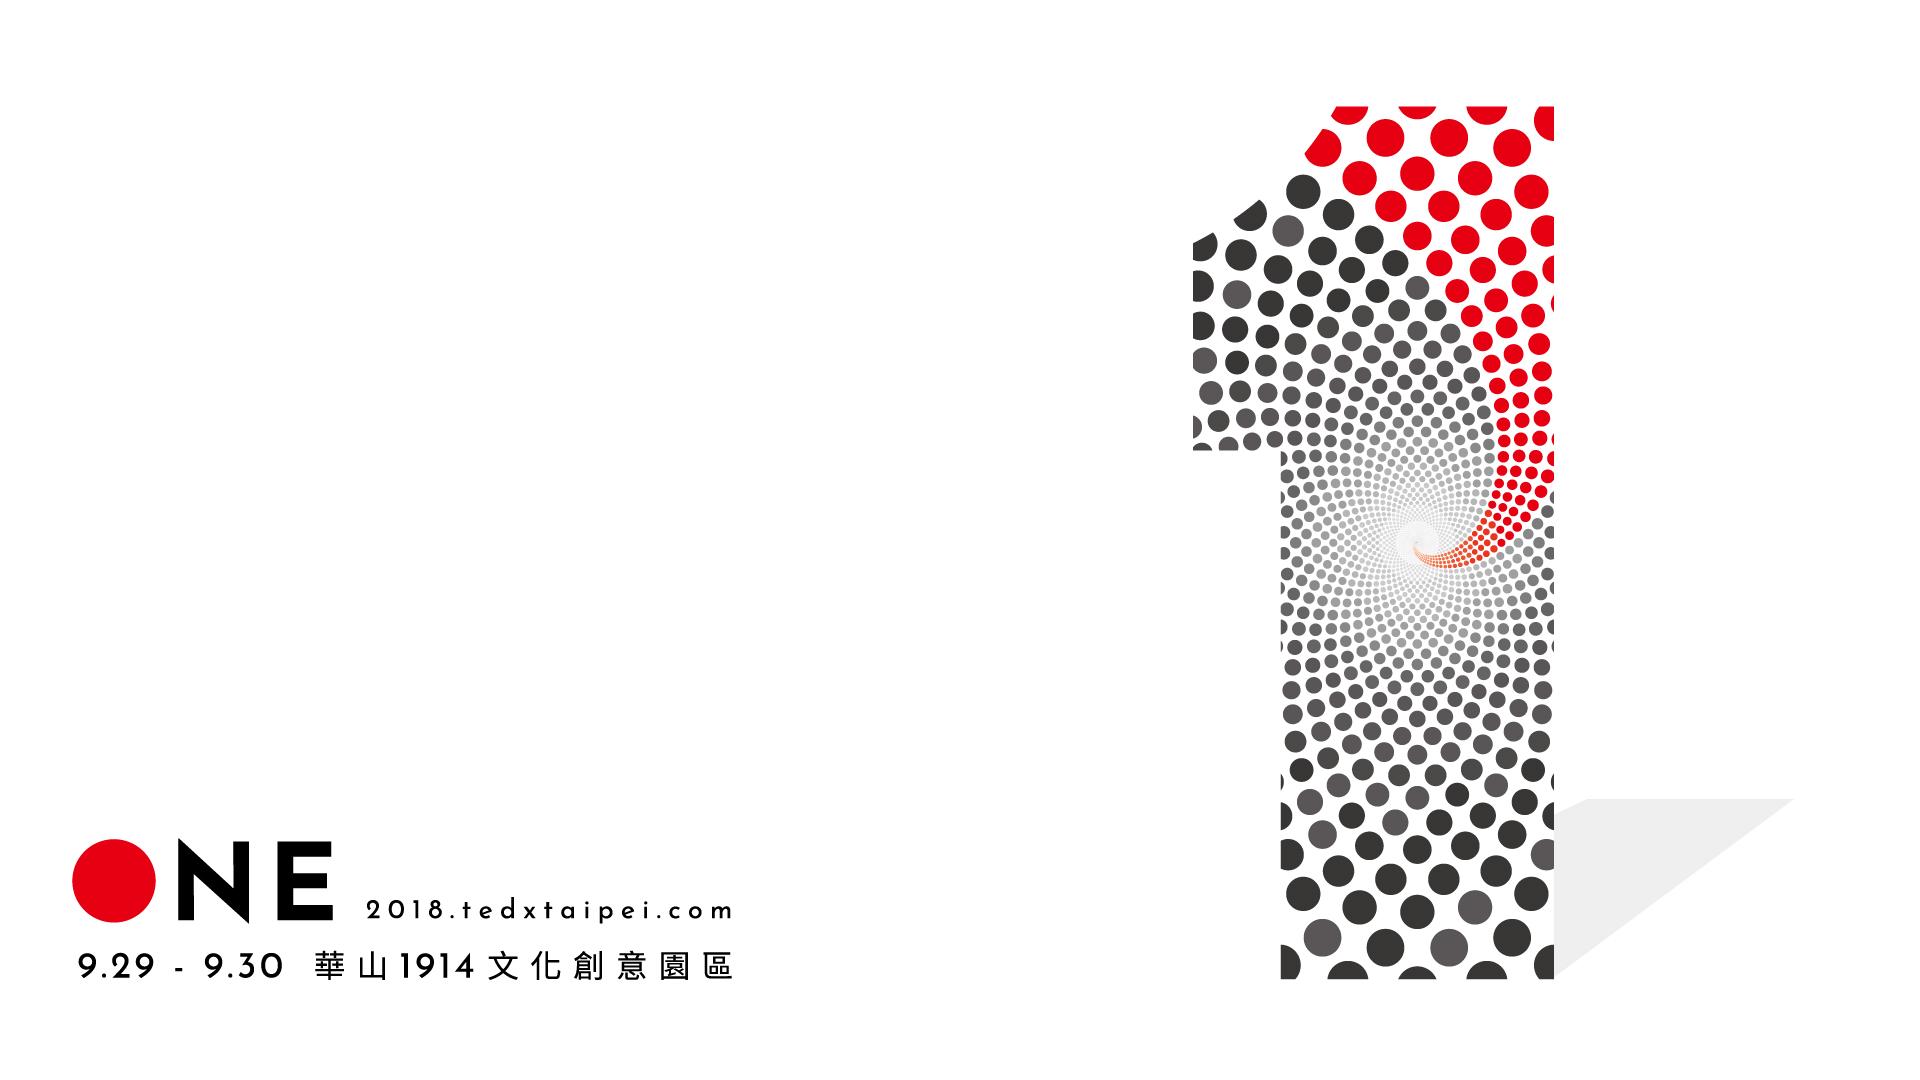 TEDxTaipei -